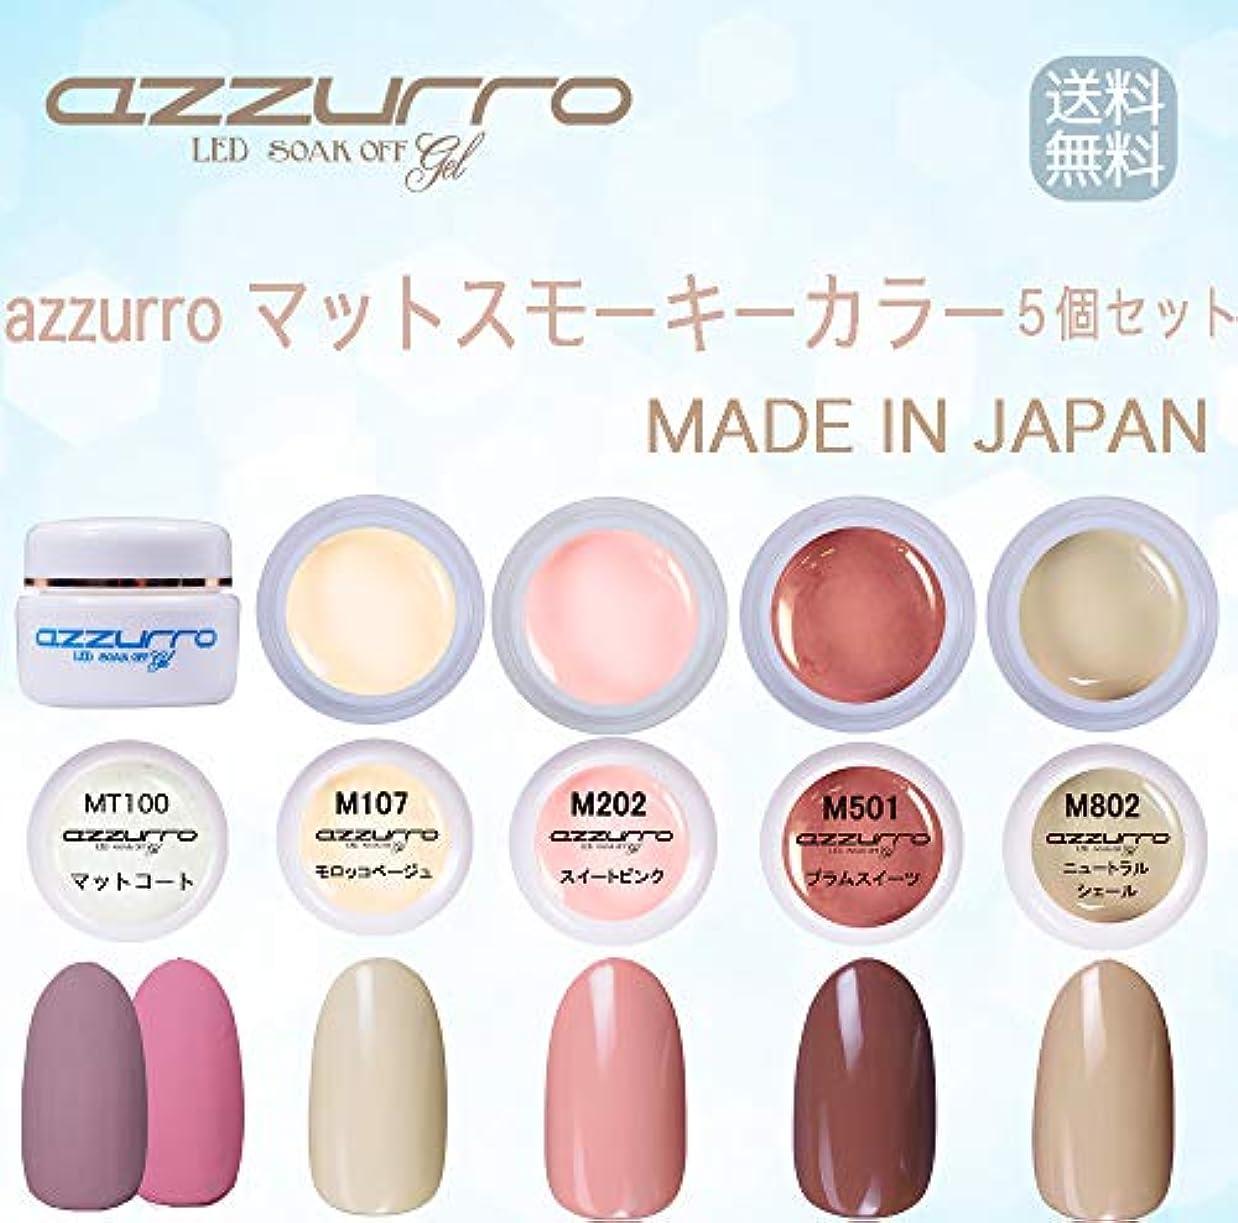 説明的つま先勧める【送料無料】日本製 azzurro gel マットスモーキーパステルカラー5個セット 春色にもかかせないマットコートとスモーキーパステルカラー